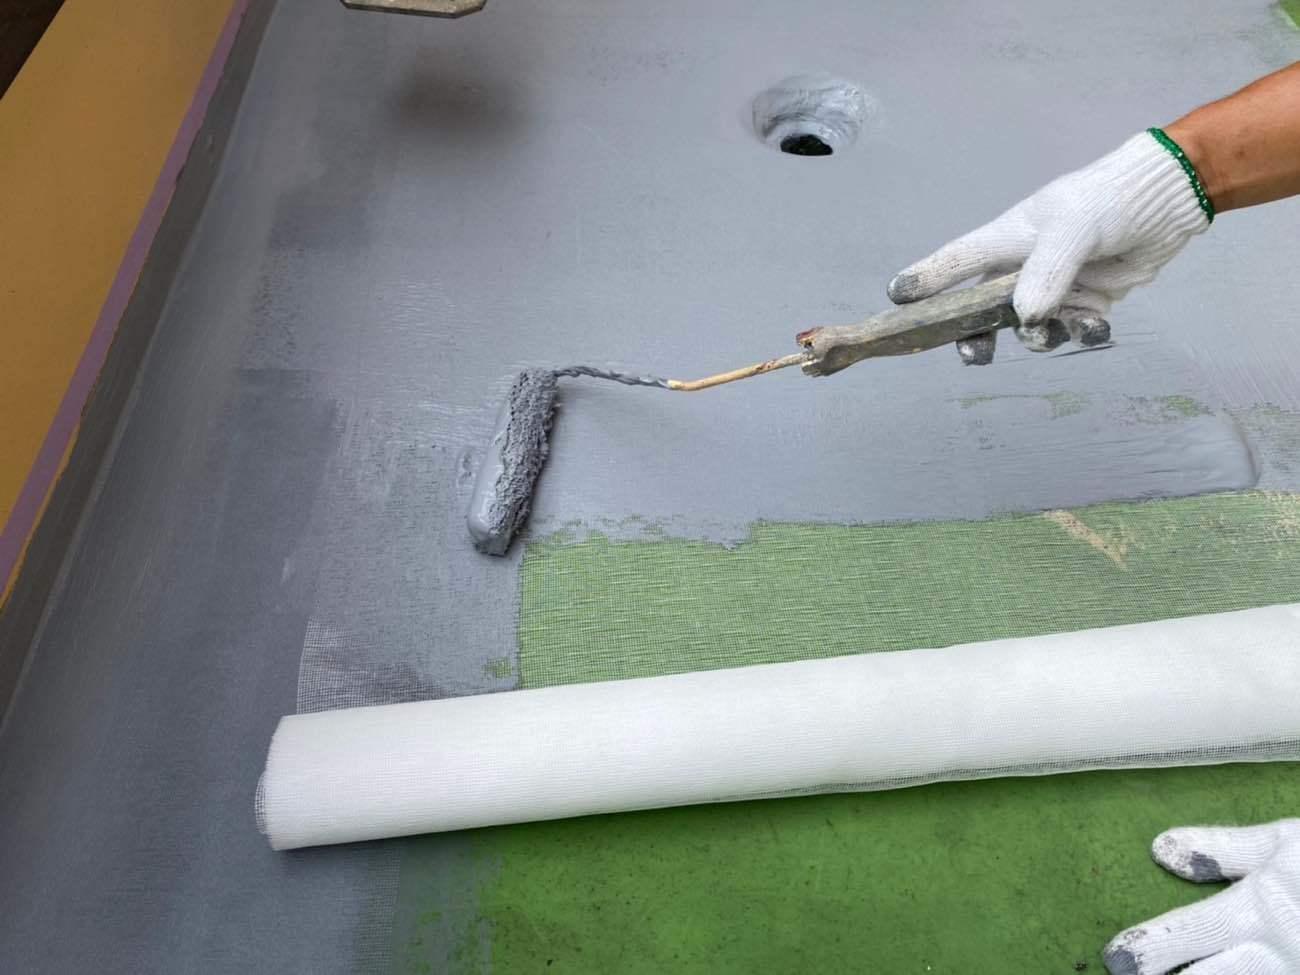 ベランダ防水 1層目+メッシュシート敷き込み